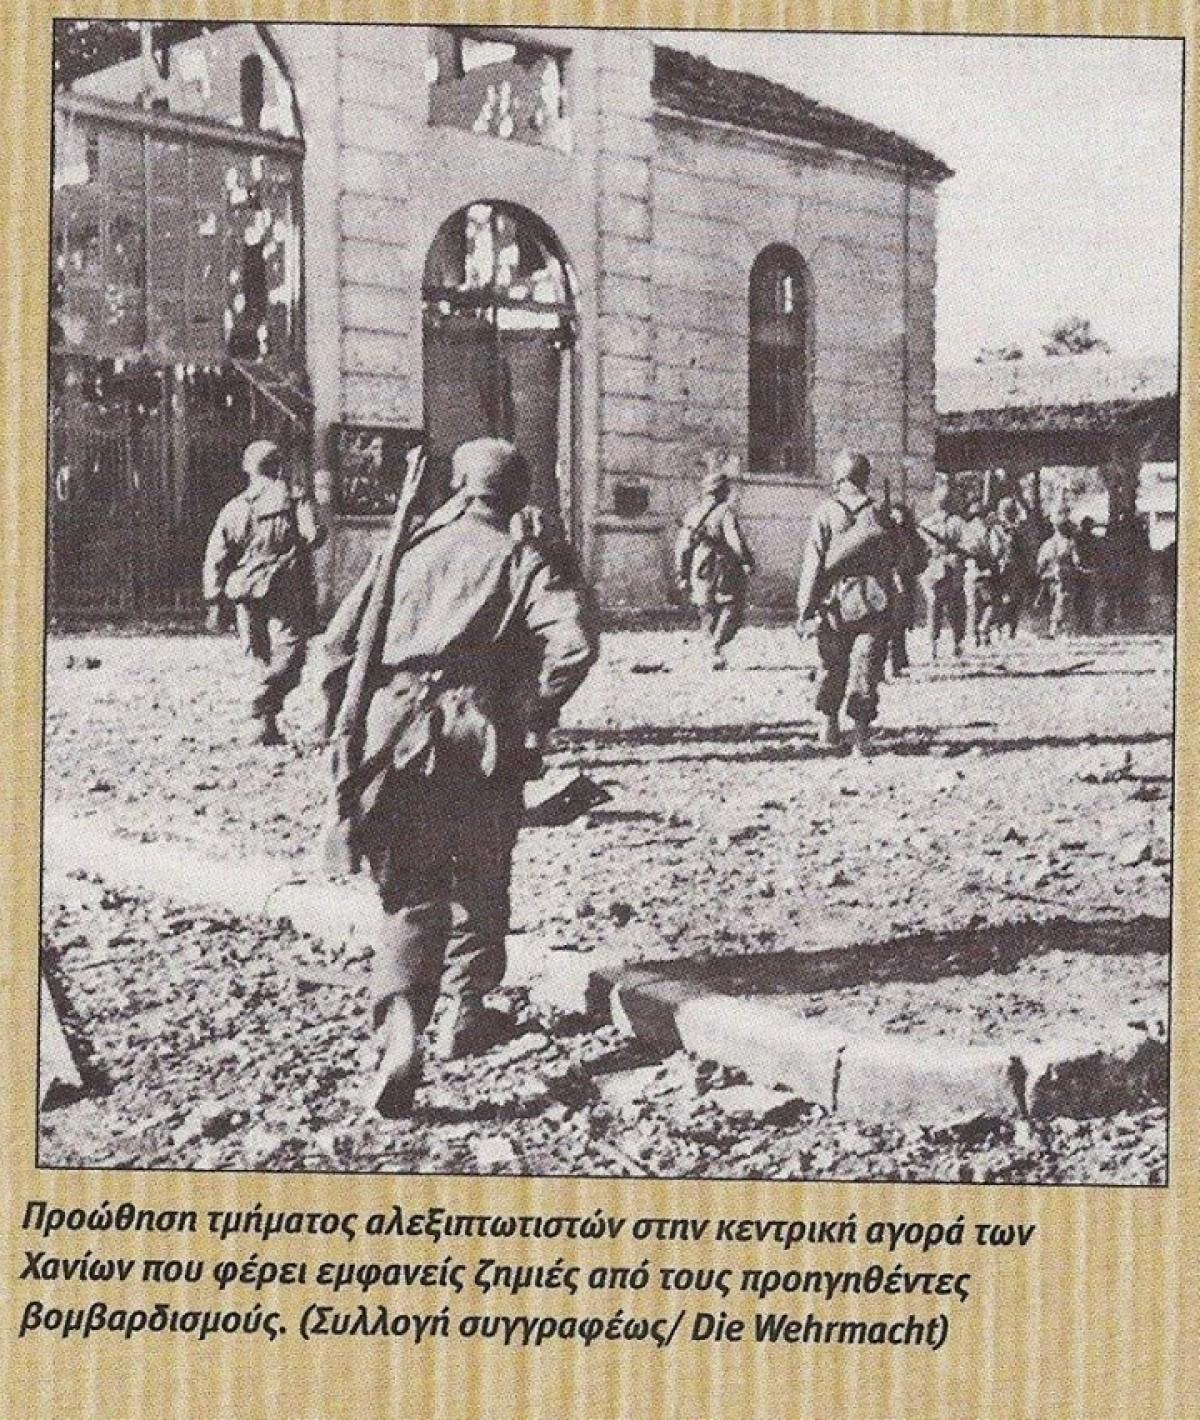 1941 Χανιά, Γερμανοί αλεξιπτωτιστές βαδίζουν προς την αγορά που φαίνεται σοβαρά τραυματισμένη από τους βομβαρδισμούς